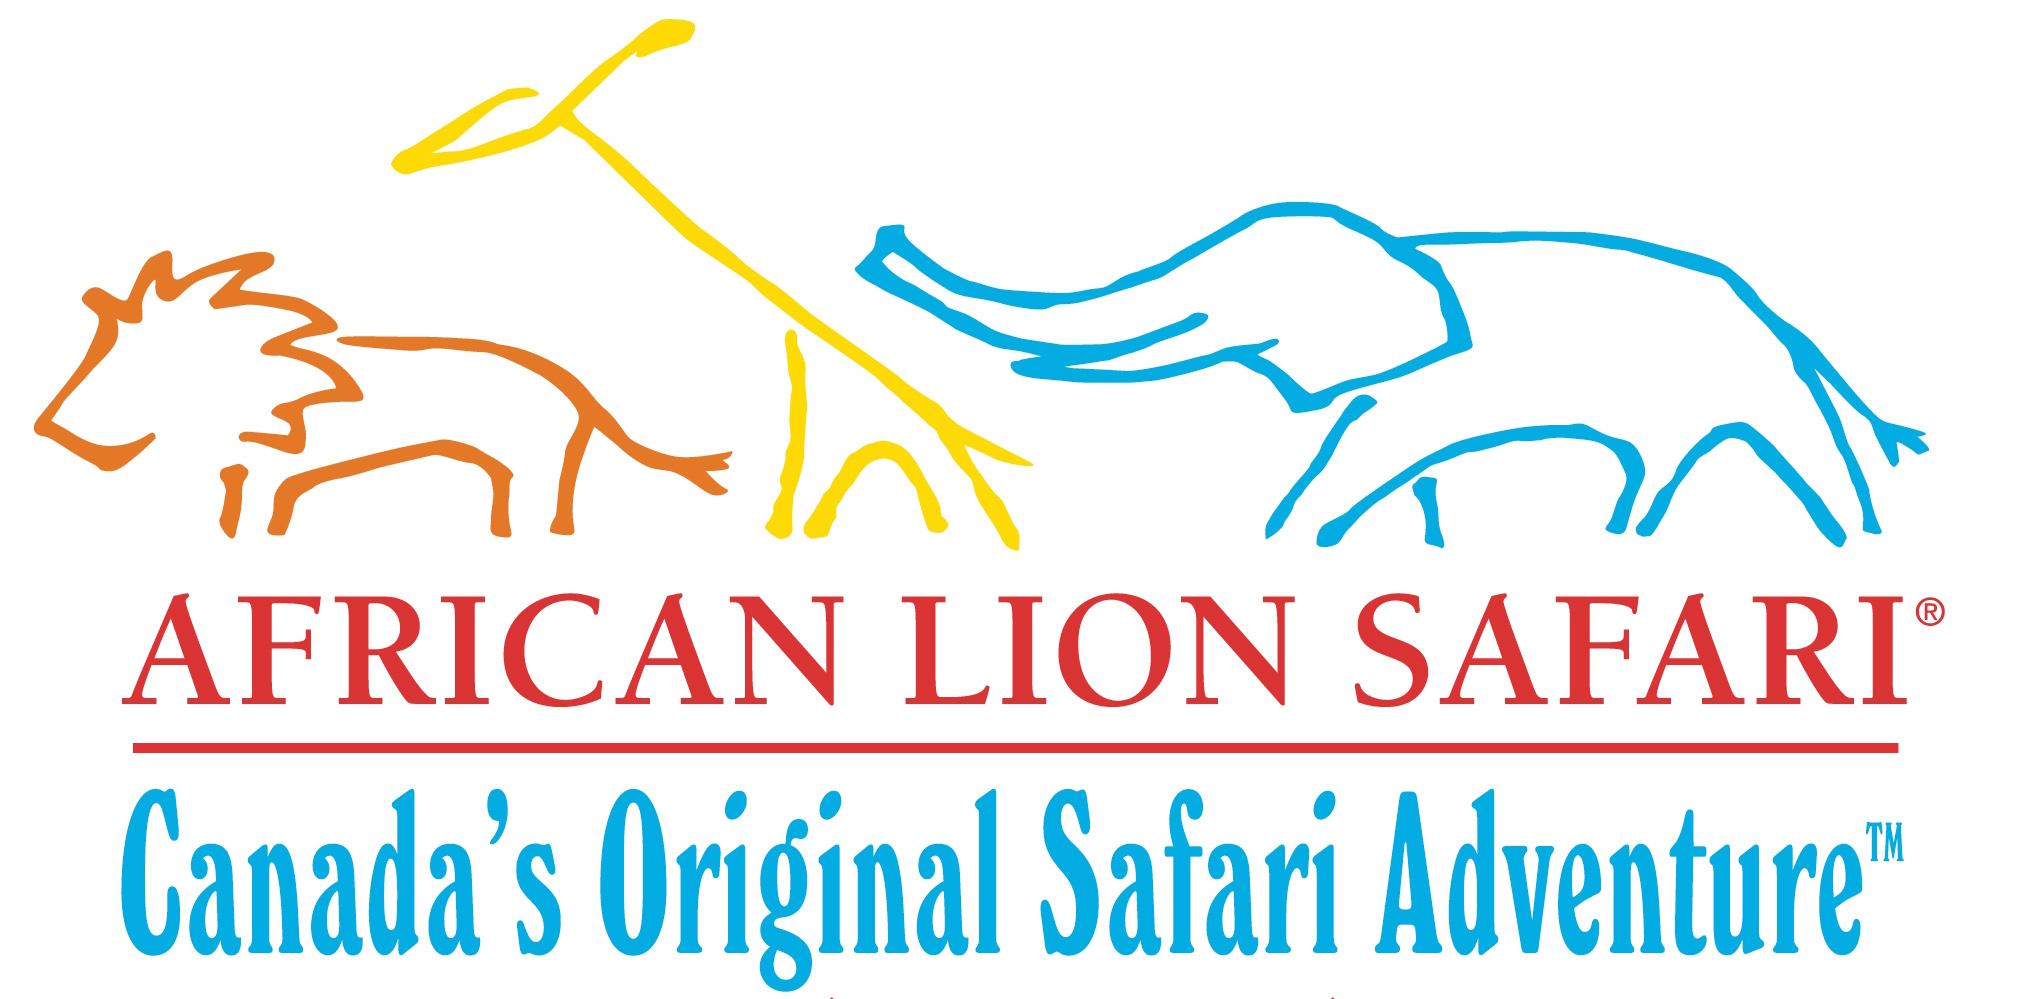 African lion safari canada coupon 2018